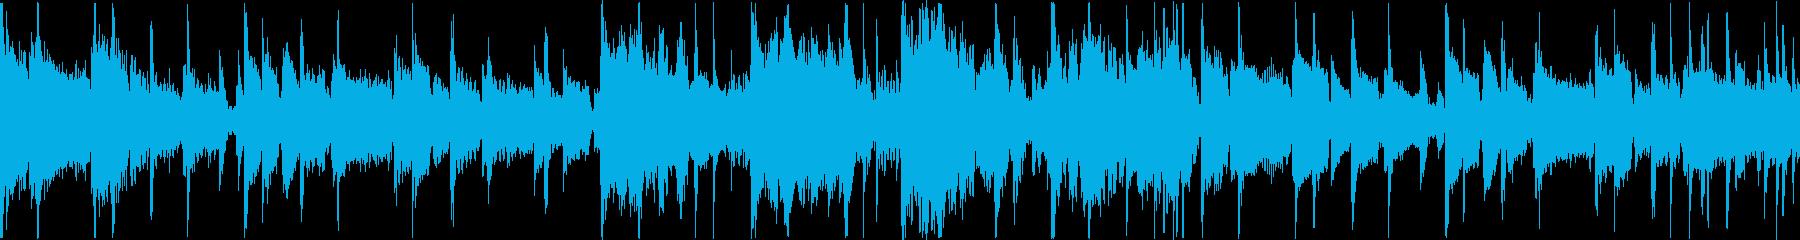 ファンク/ソウル/ R&B。アジャ...の再生済みの波形